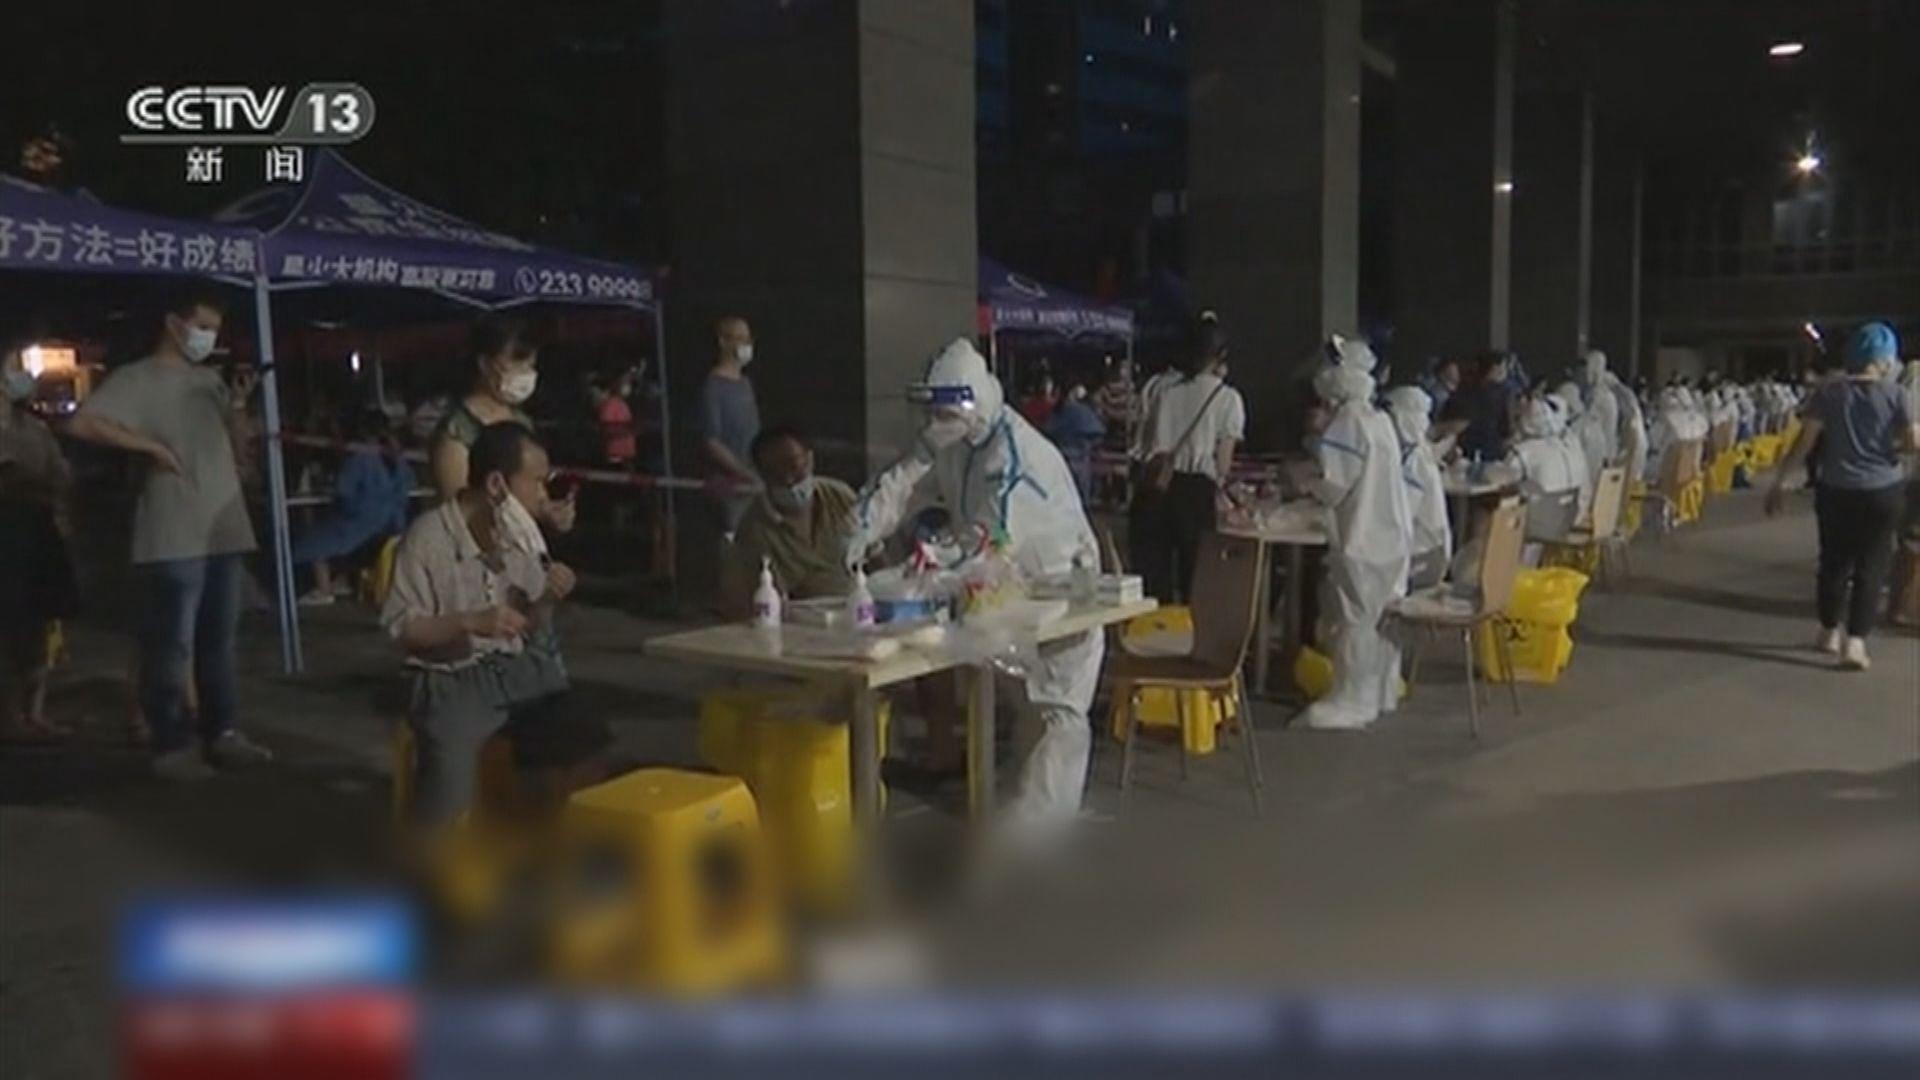 離開深圳東莞須持48小時內核酸檢測陰性證明